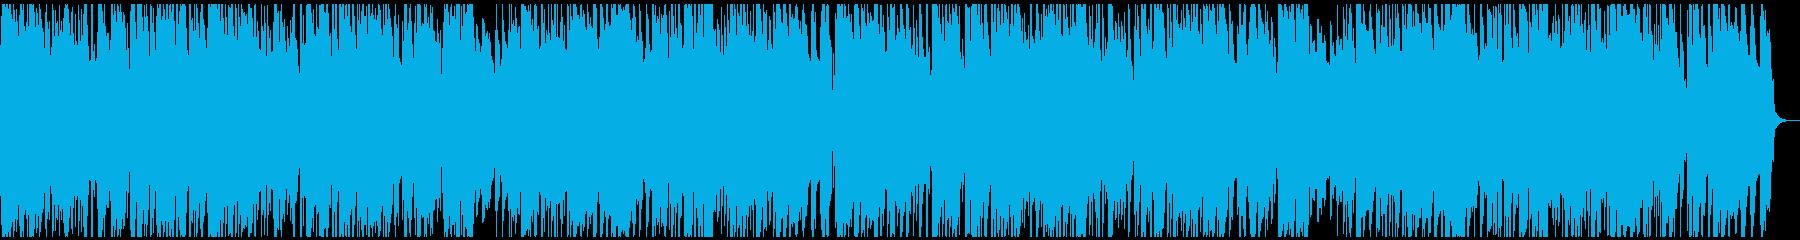 落ち着くカフェミュージック ピアノメインの再生済みの波形